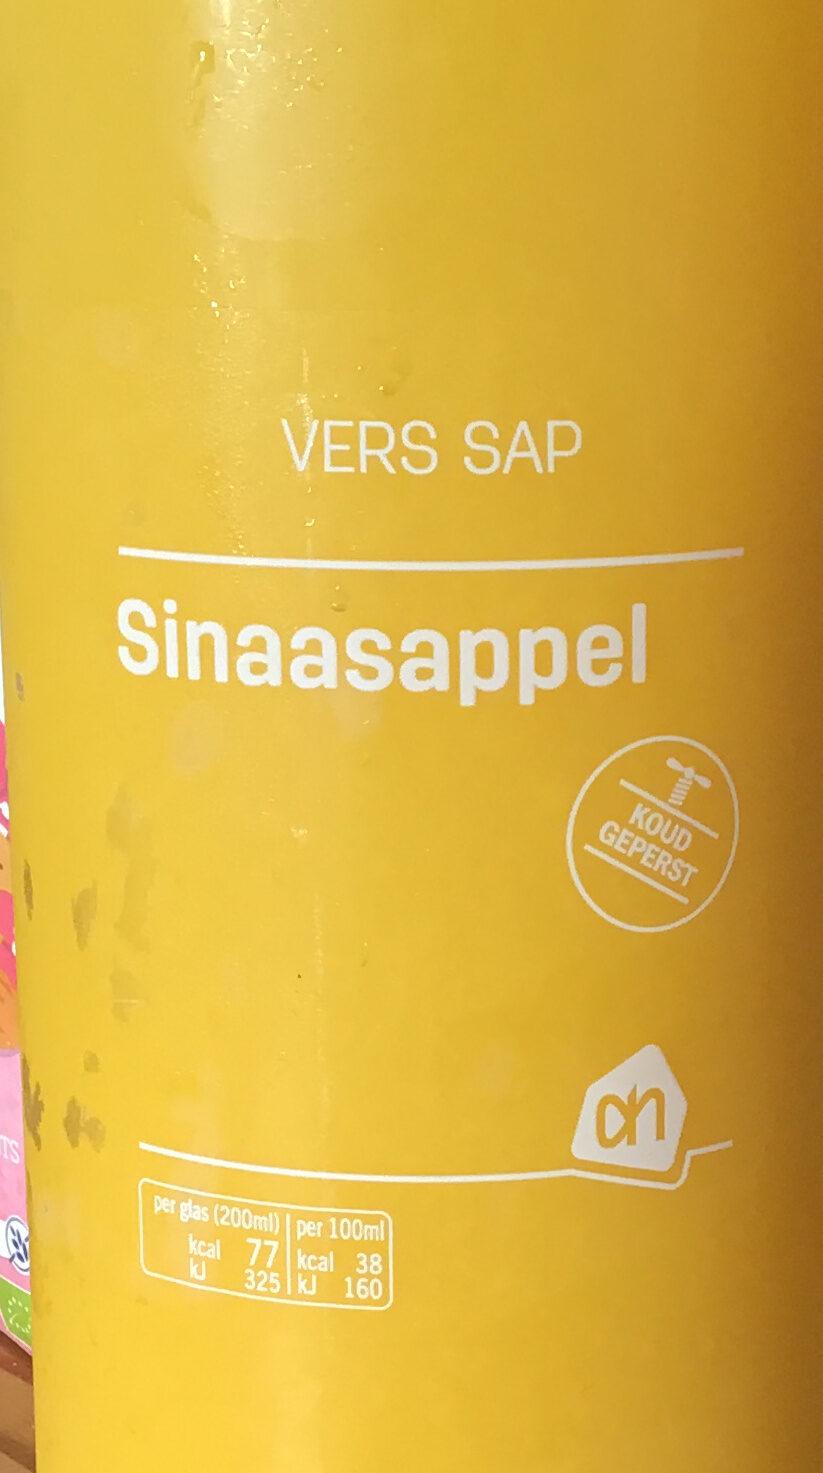 Vers sinaasappelsap - Product